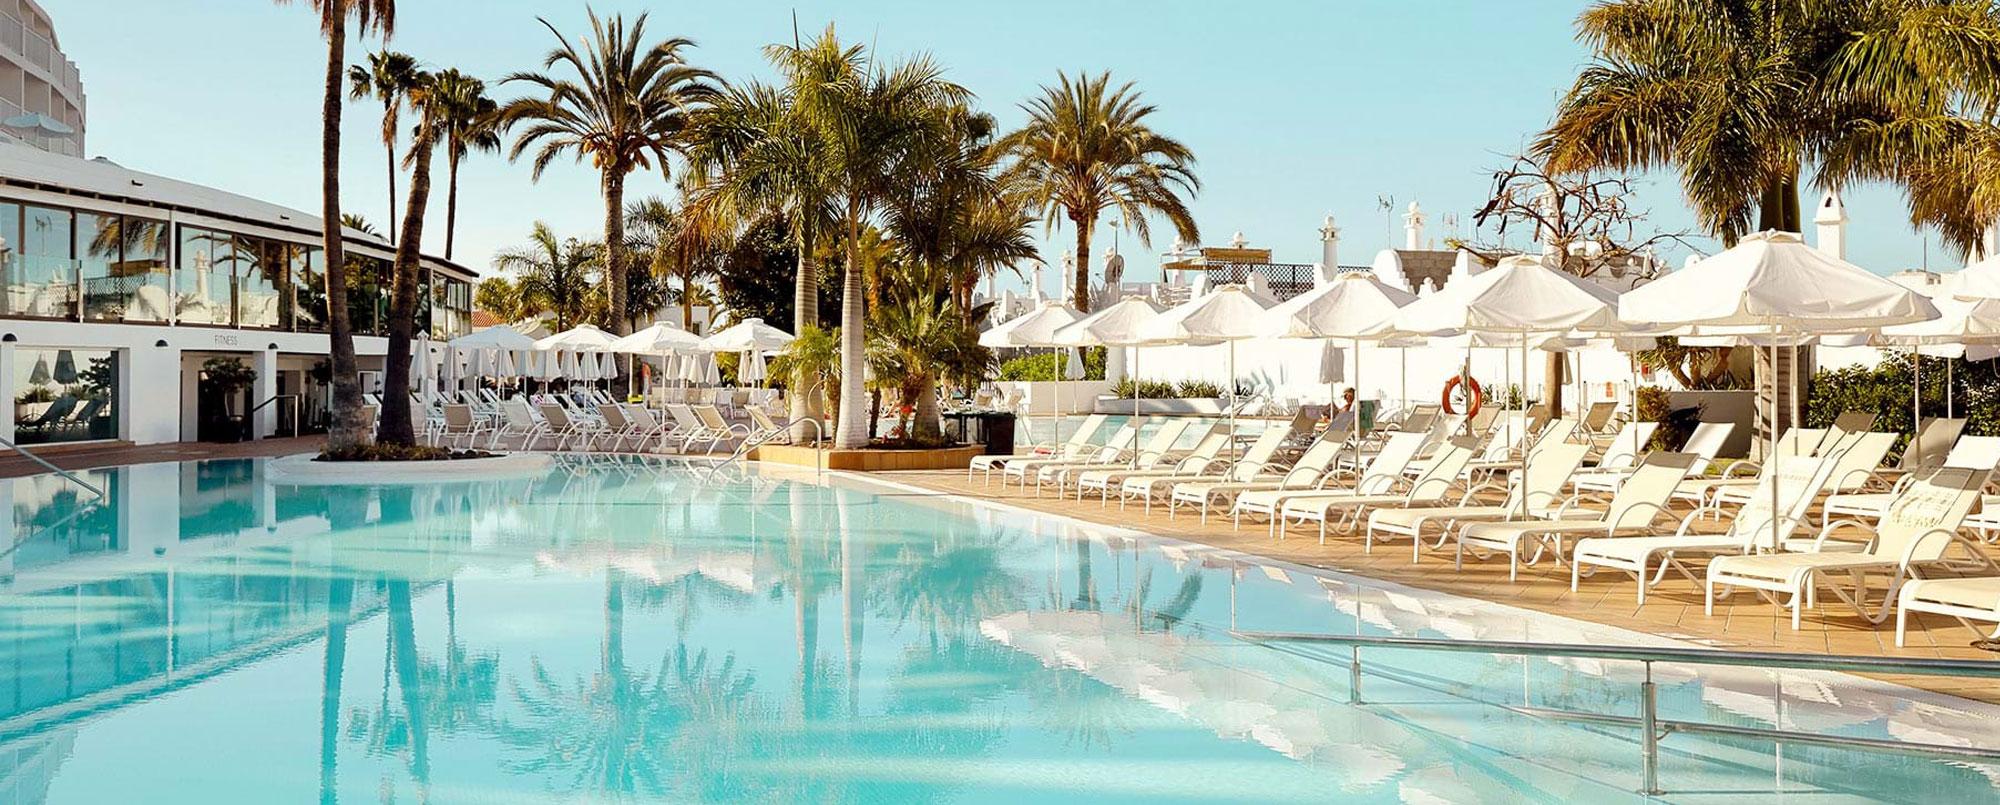 25.3-8.4.2020 Playa del Inglés, Gran Canaria